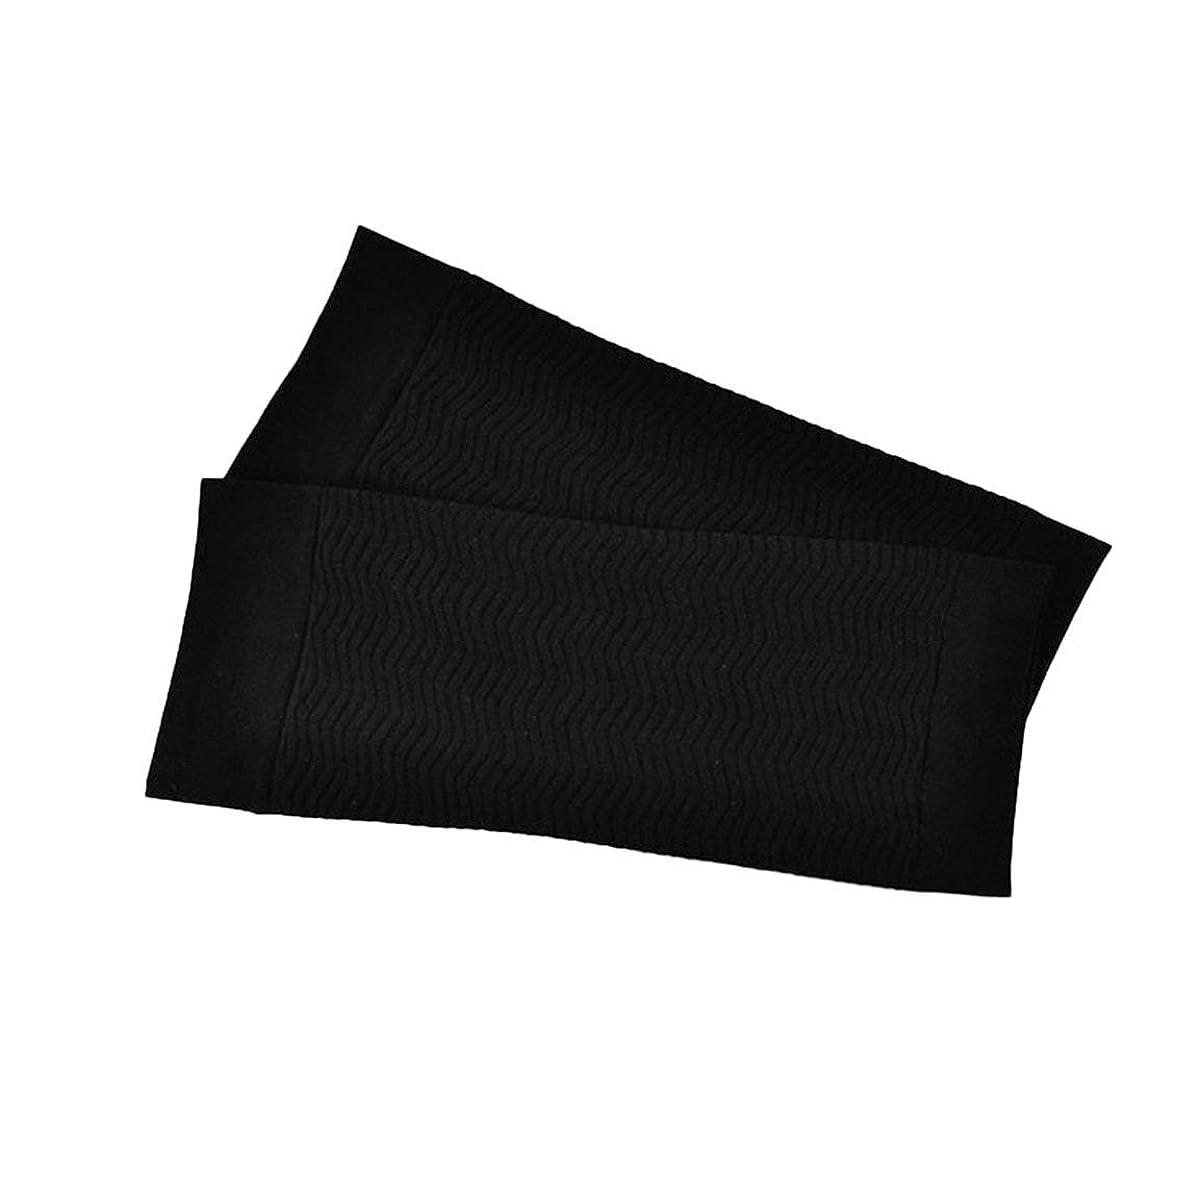 協会ピットどきどき1ペア680 D圧縮アームシェイパーワークアウトトーニングバーンセルライトスリミングアームスリーブ脂肪燃焼半袖用女性 - ブラック